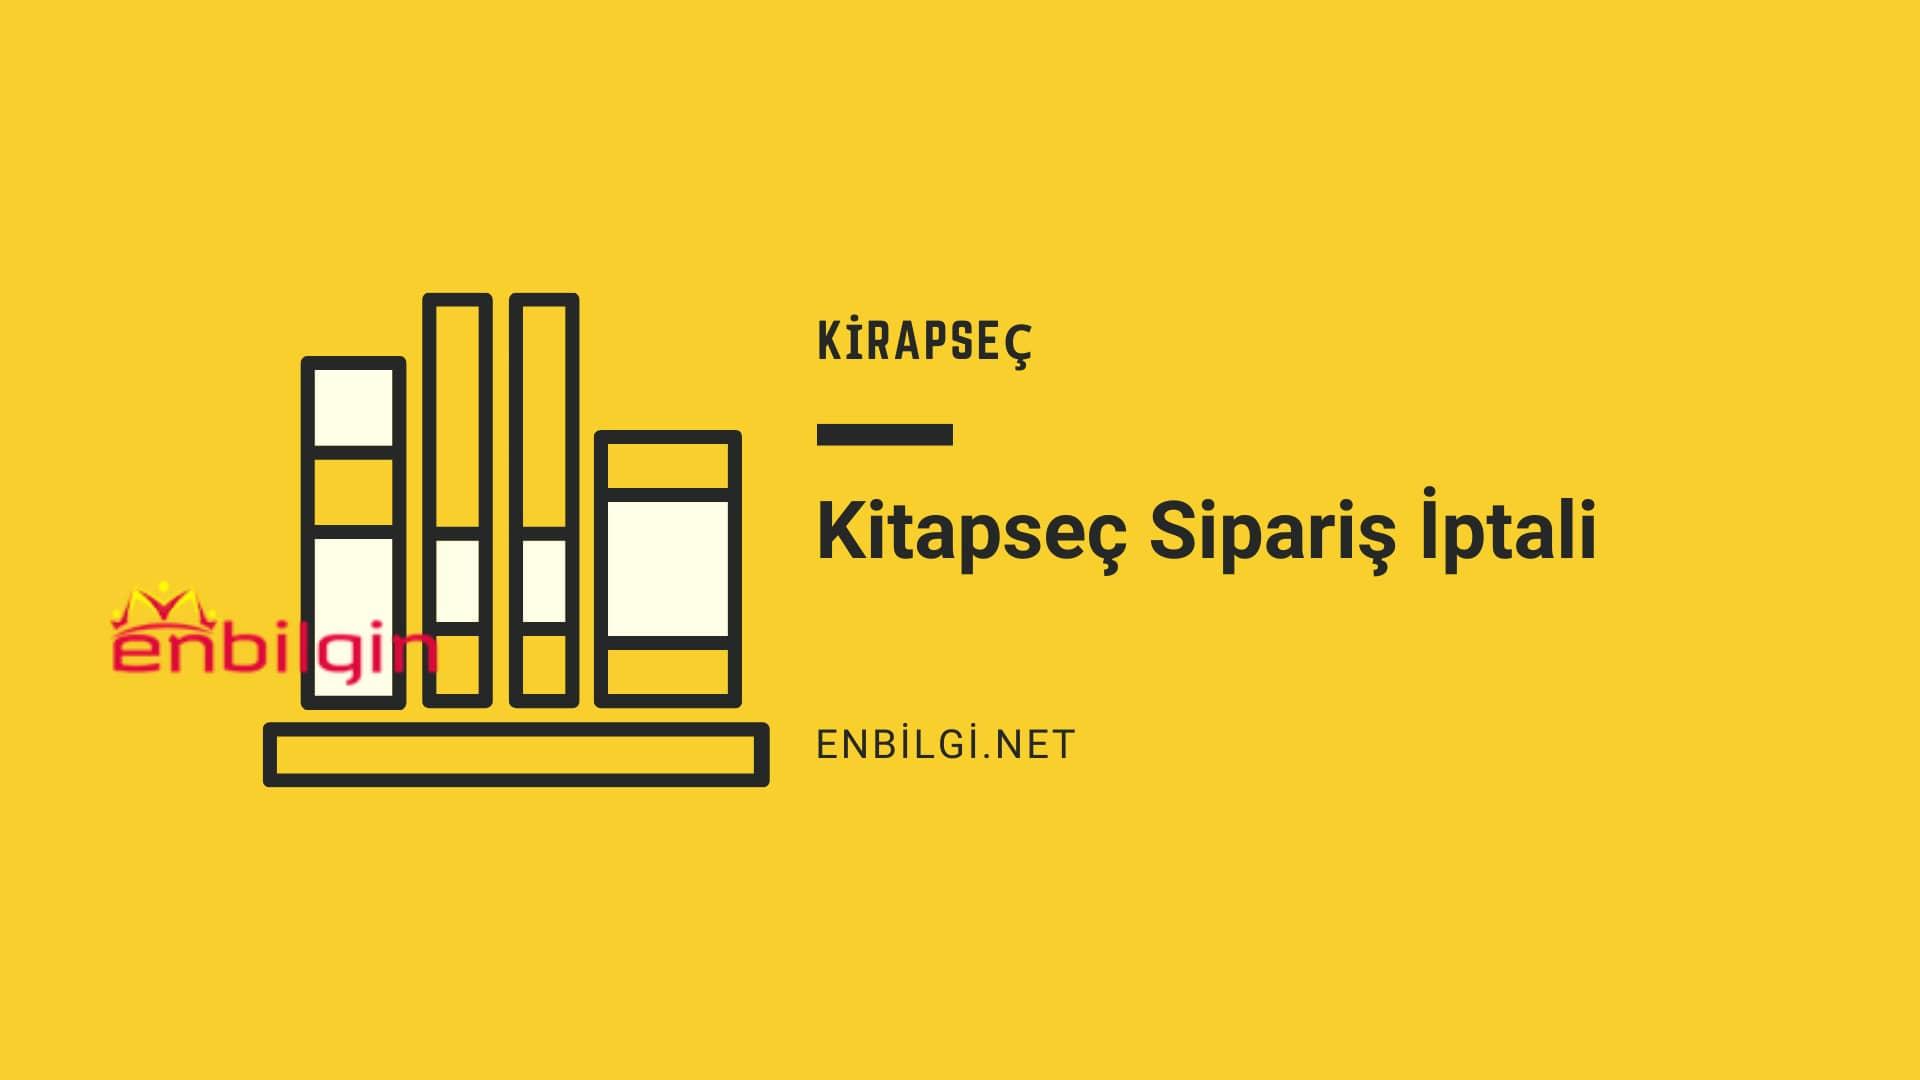 kitapsec.com sipariş iptali rehberi